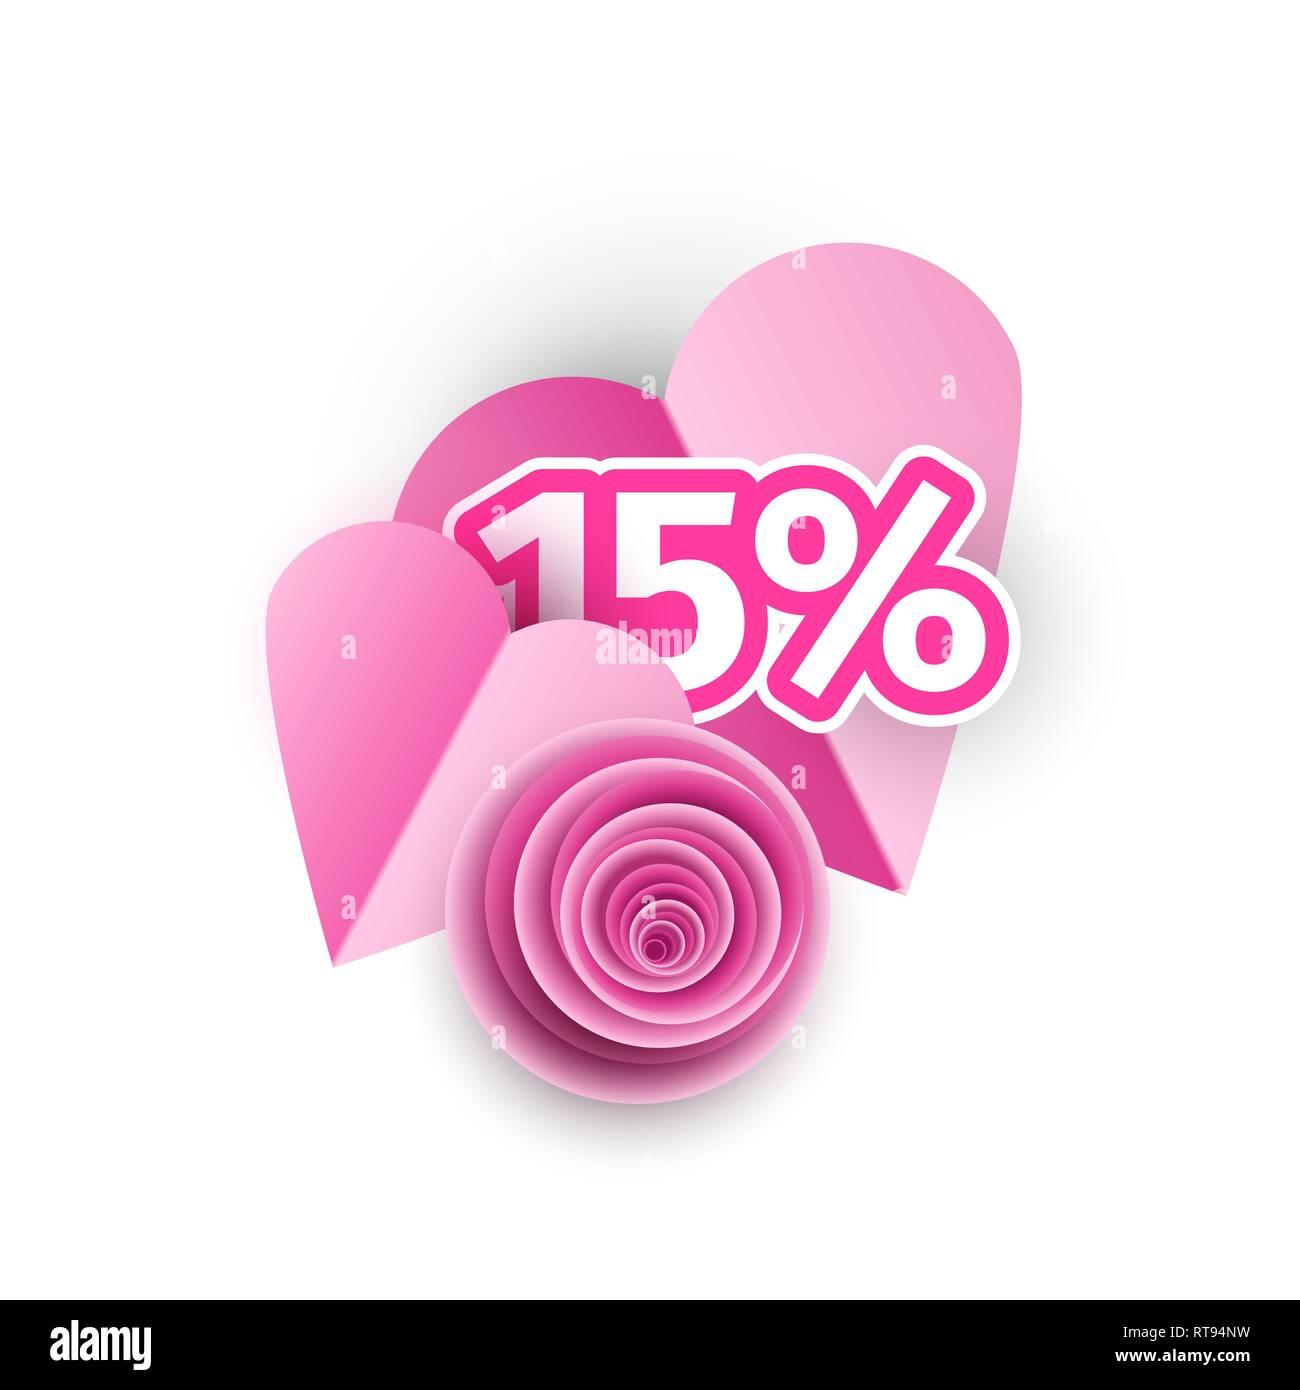 Coeur, rose bud papercut 3d illustration. Fleur Rose composition volumétrique origami isolés. Commode, clipart offre spéciale. Womens International offre Spacial, 15 pour cent de la vente d'affiches Photo Stock